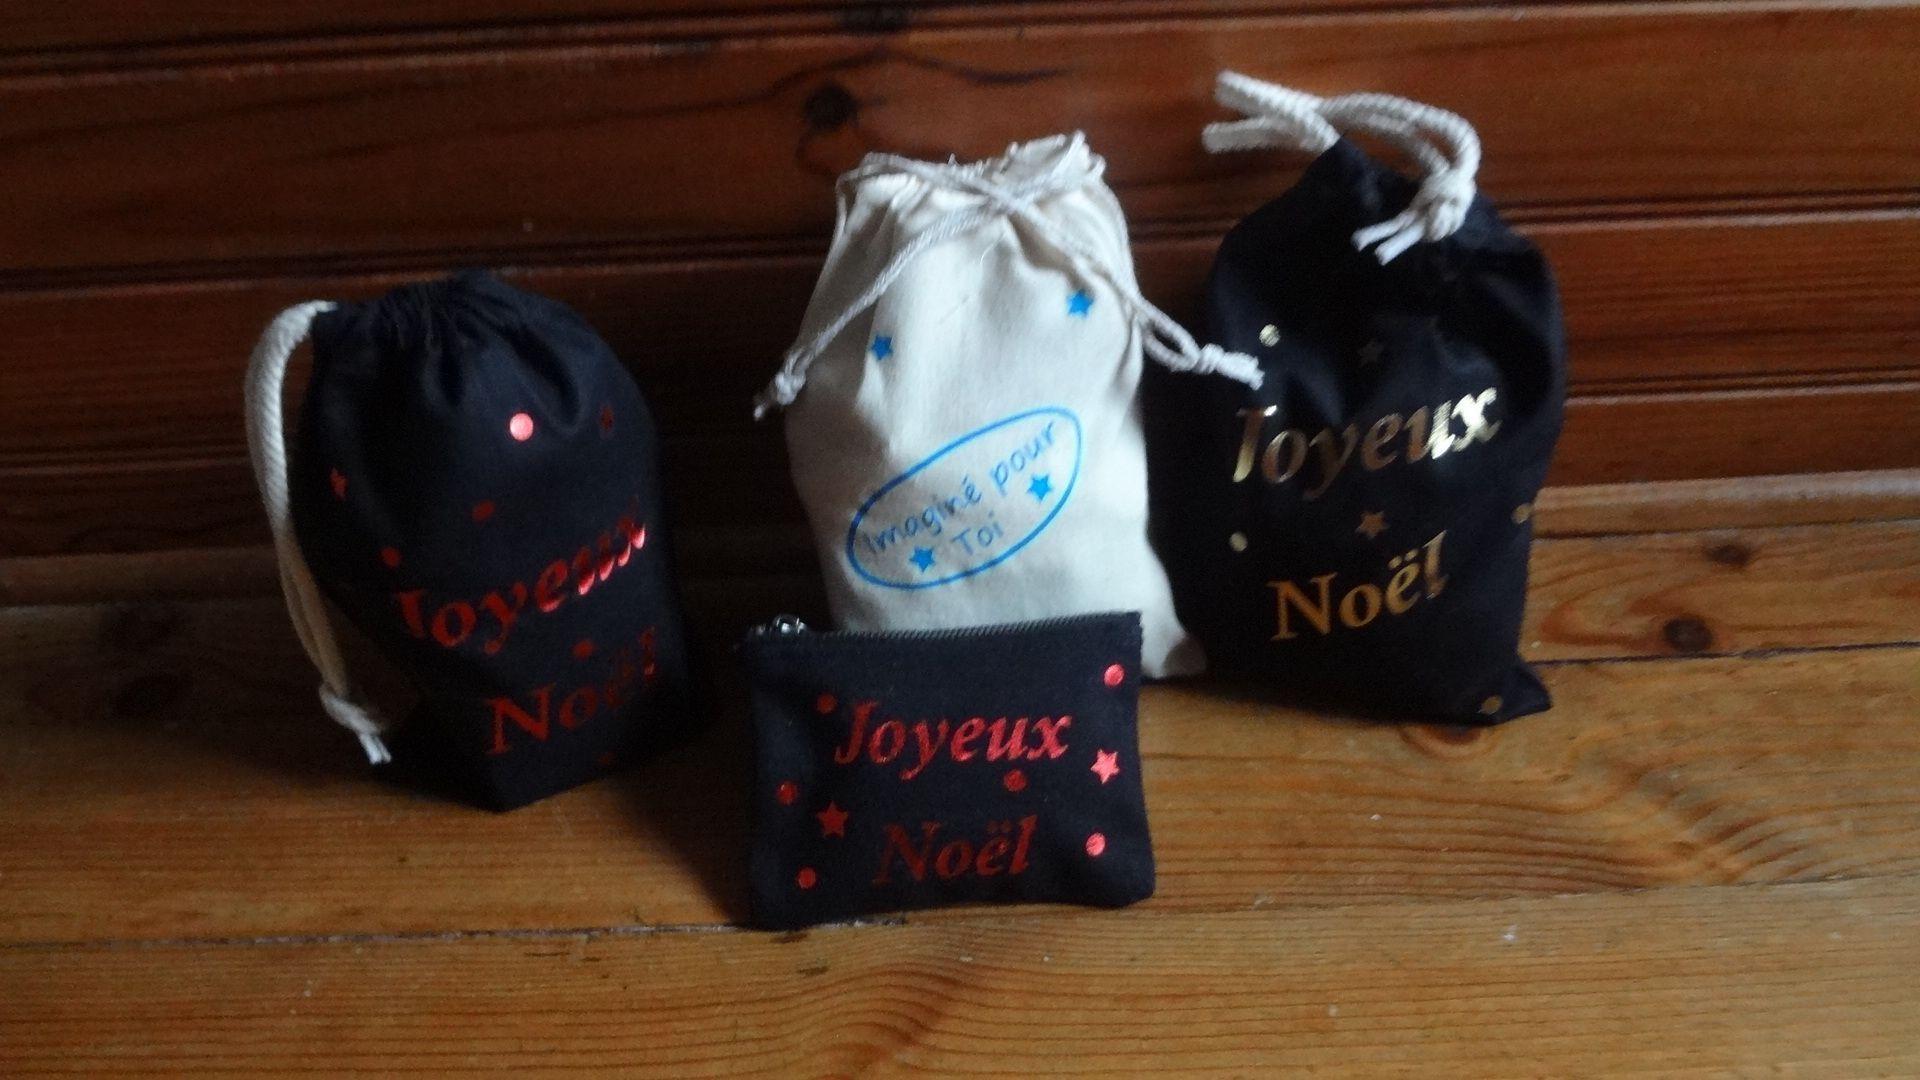 Merveilleux   Aucun coût  Emballage Cadeau tissus  Style,Ces emballages cadeaux en tissus et ... #emballagecadeauecologique